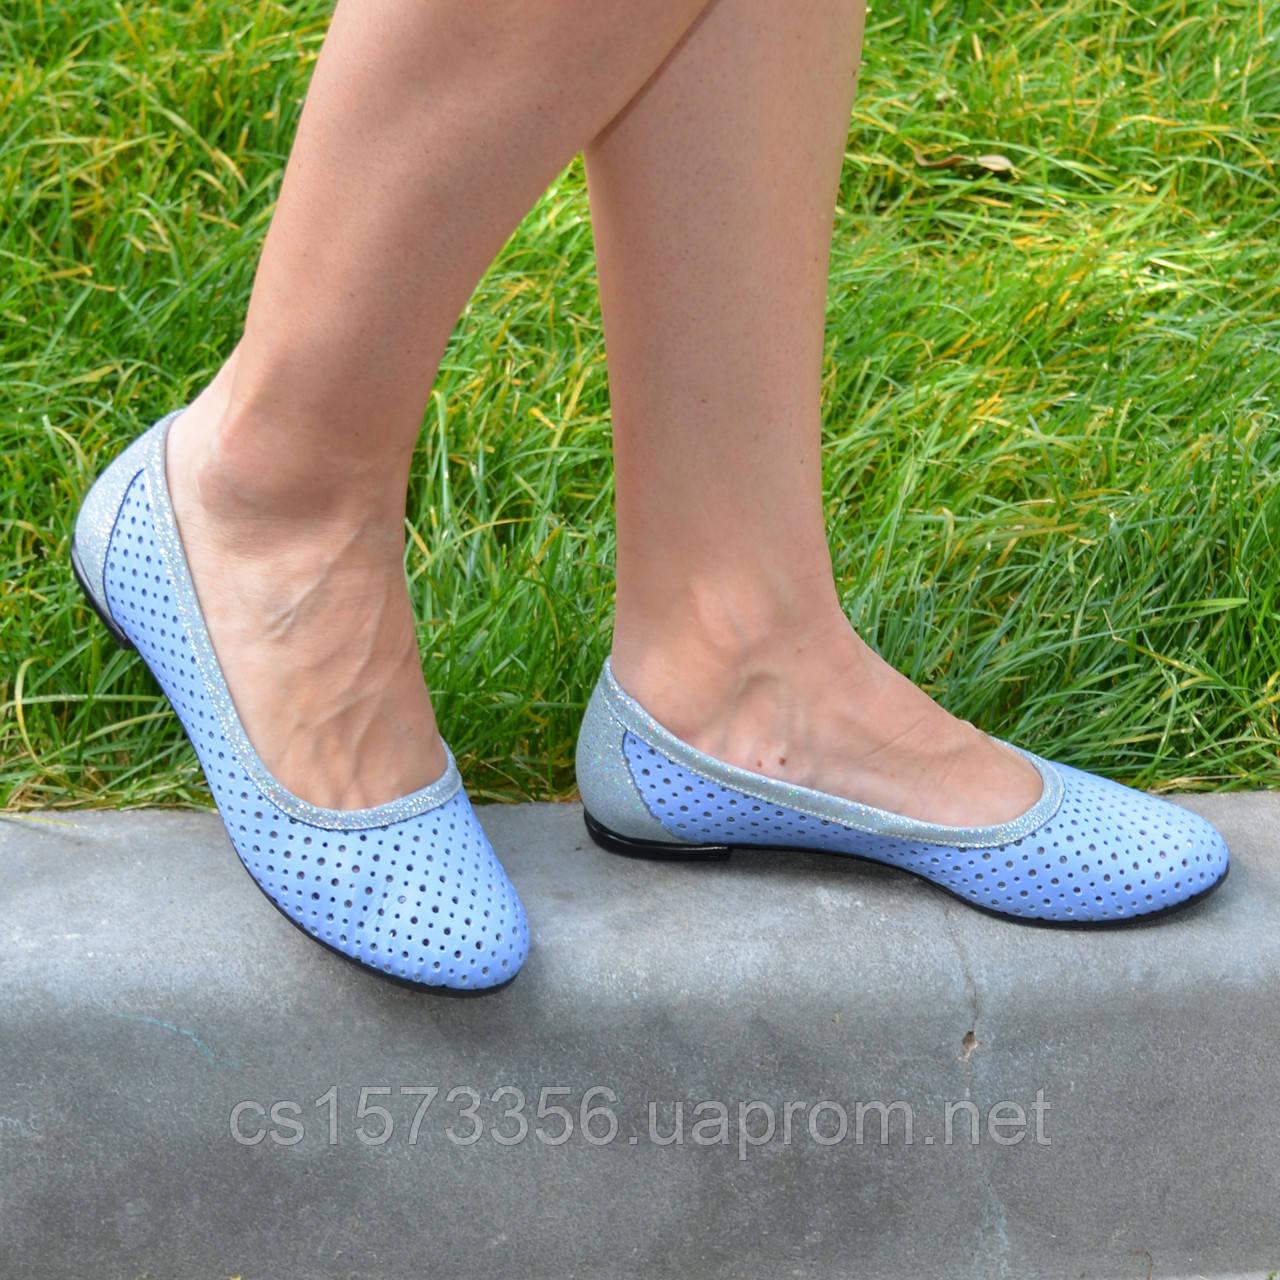 Балетки кожаные на низком ходу, цвет голубой